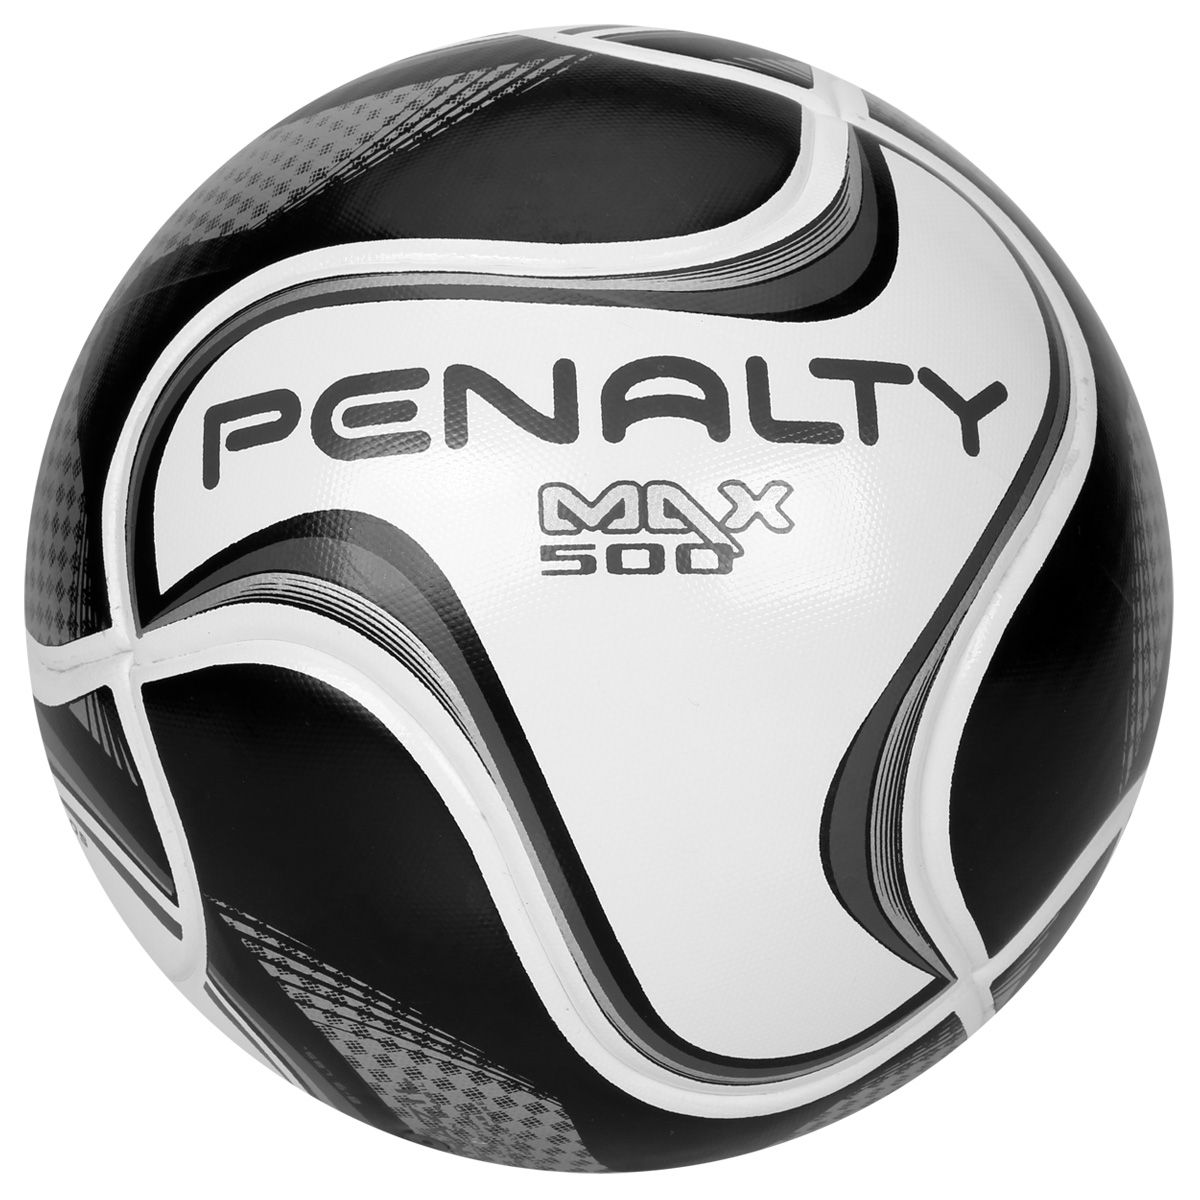 Bola Futsal Max 500 Termotec 6 - Penalty - ESTAÇÃO DO ESPORTE ... f275d7daa8b81